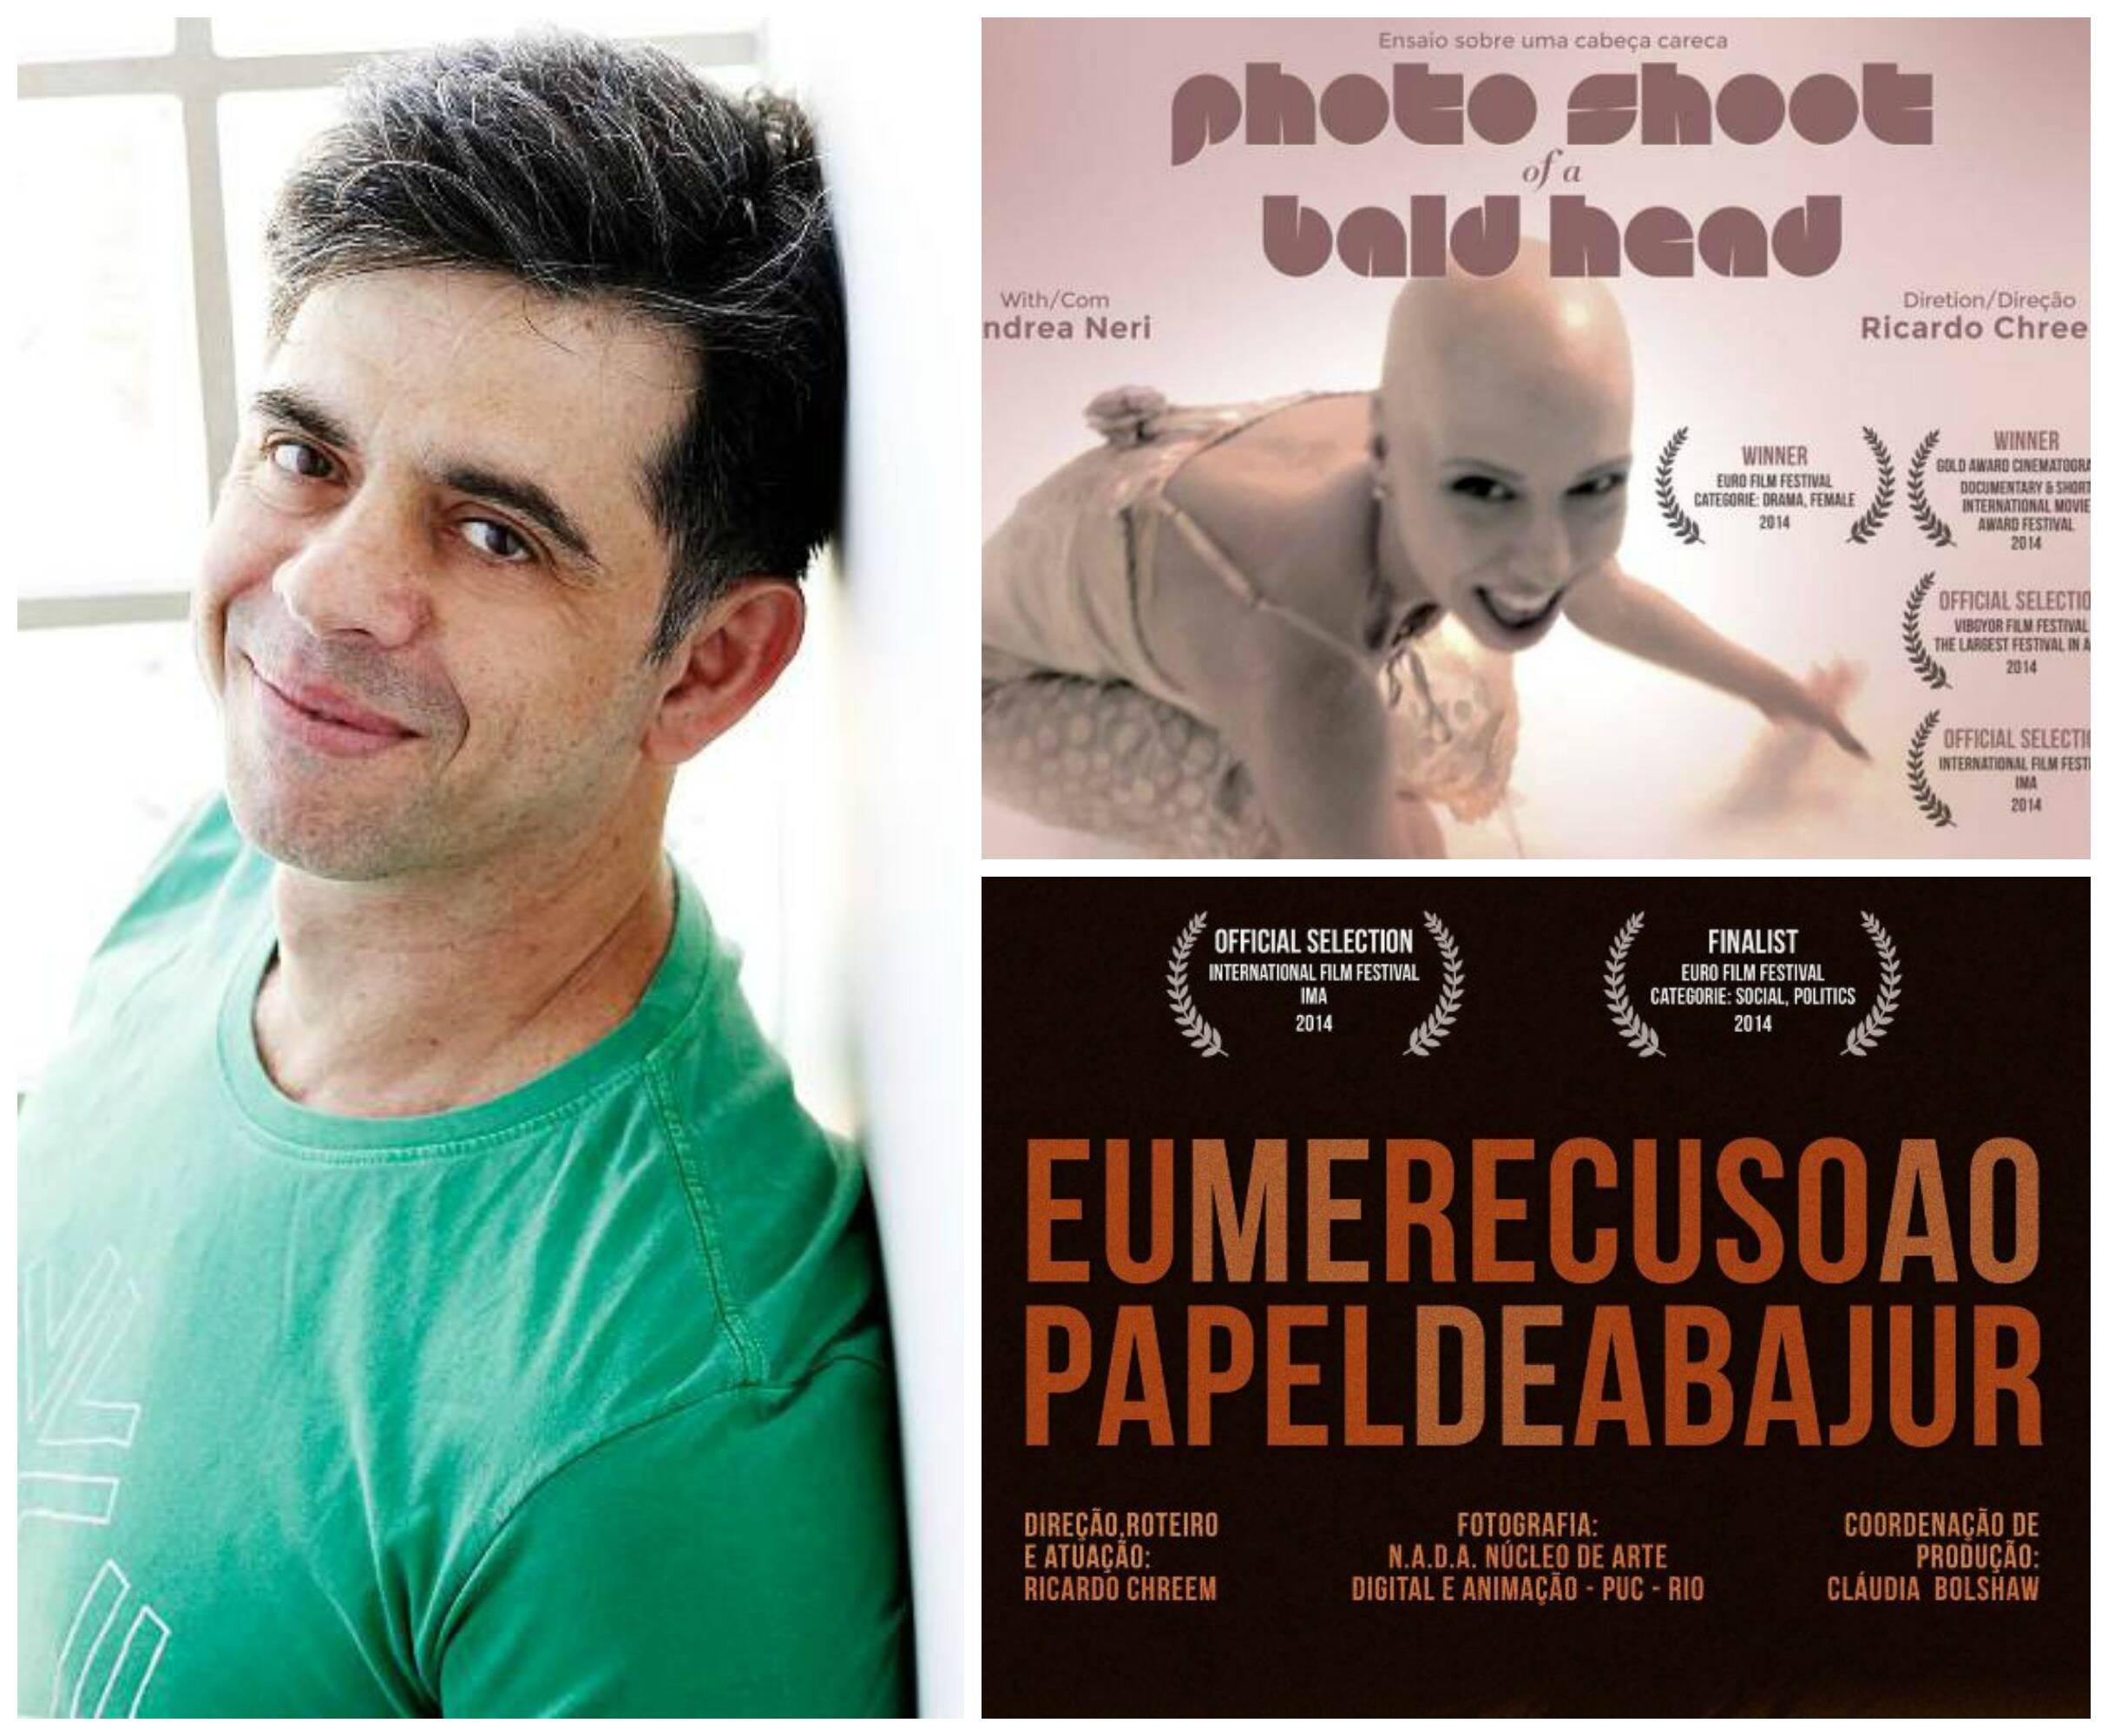 Ricardo Chreem, à esquerda, e os cartazes do seus filmes premiados no exterior/ Foto: divulgação